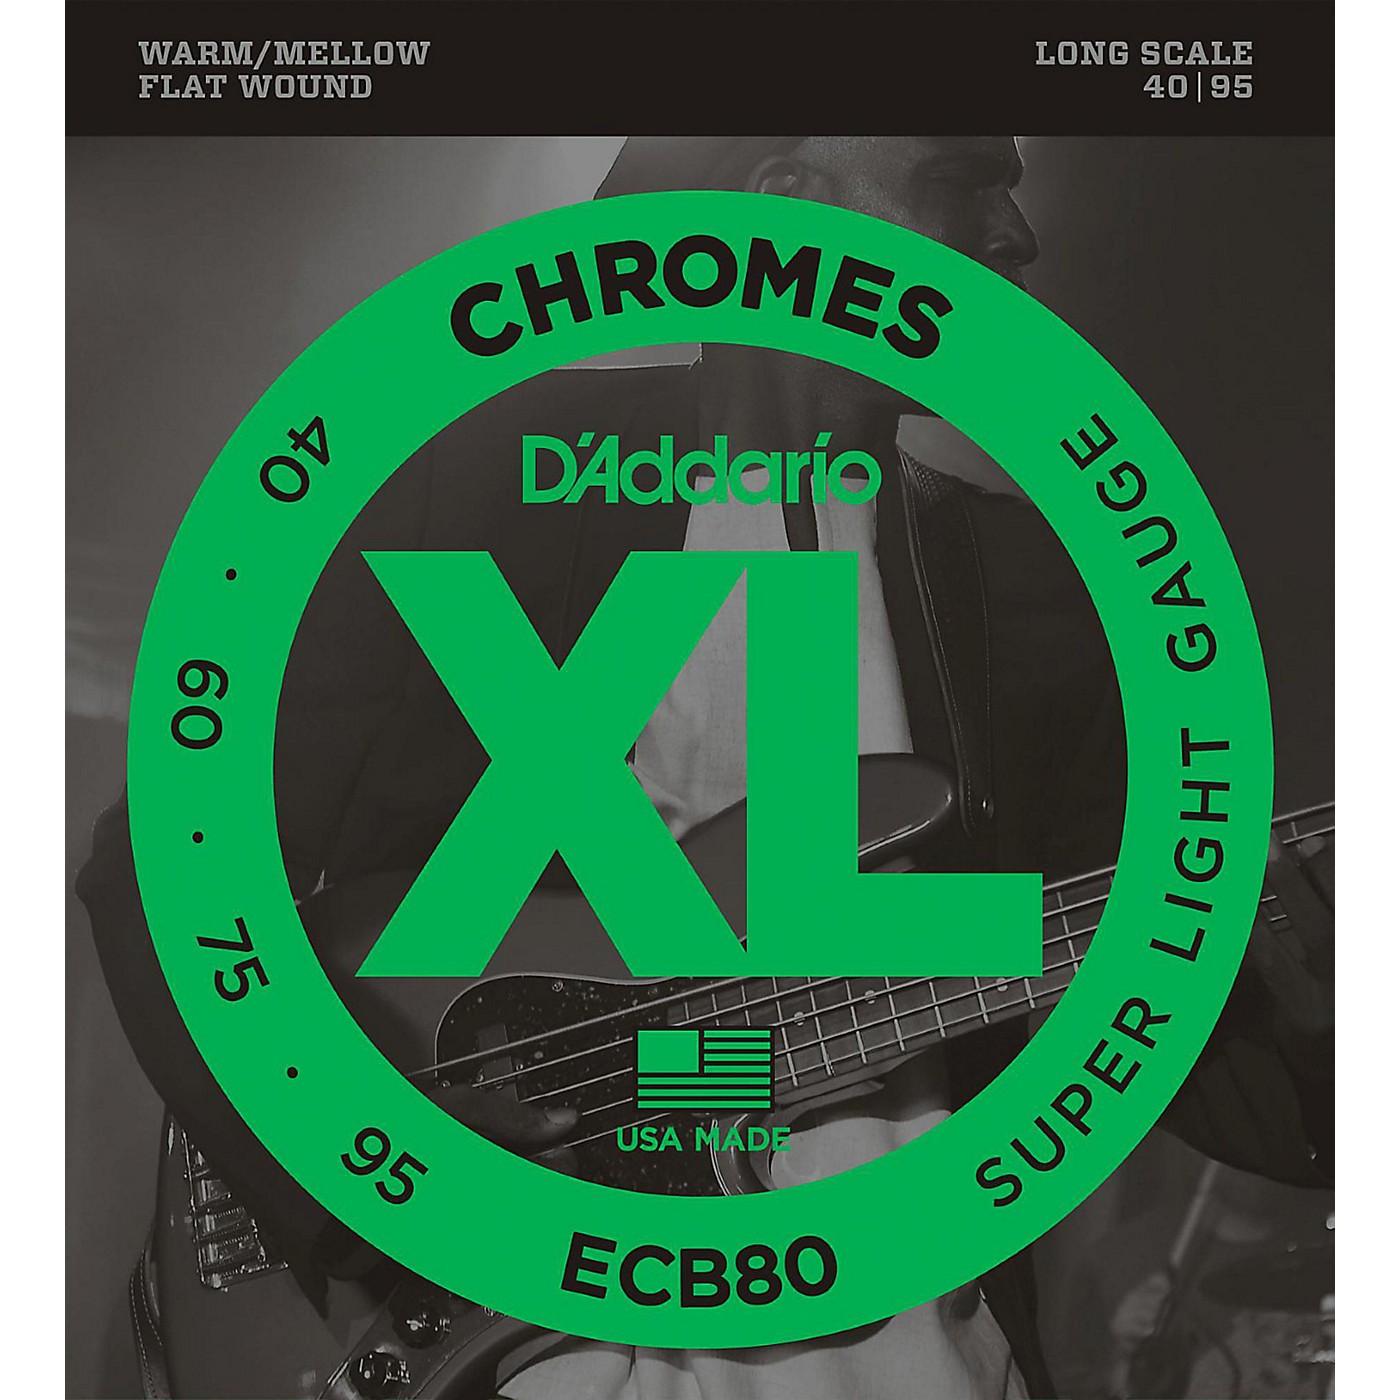 D'Addario ECB80 XL Chromes Flat Wound Bass Strings thumbnail